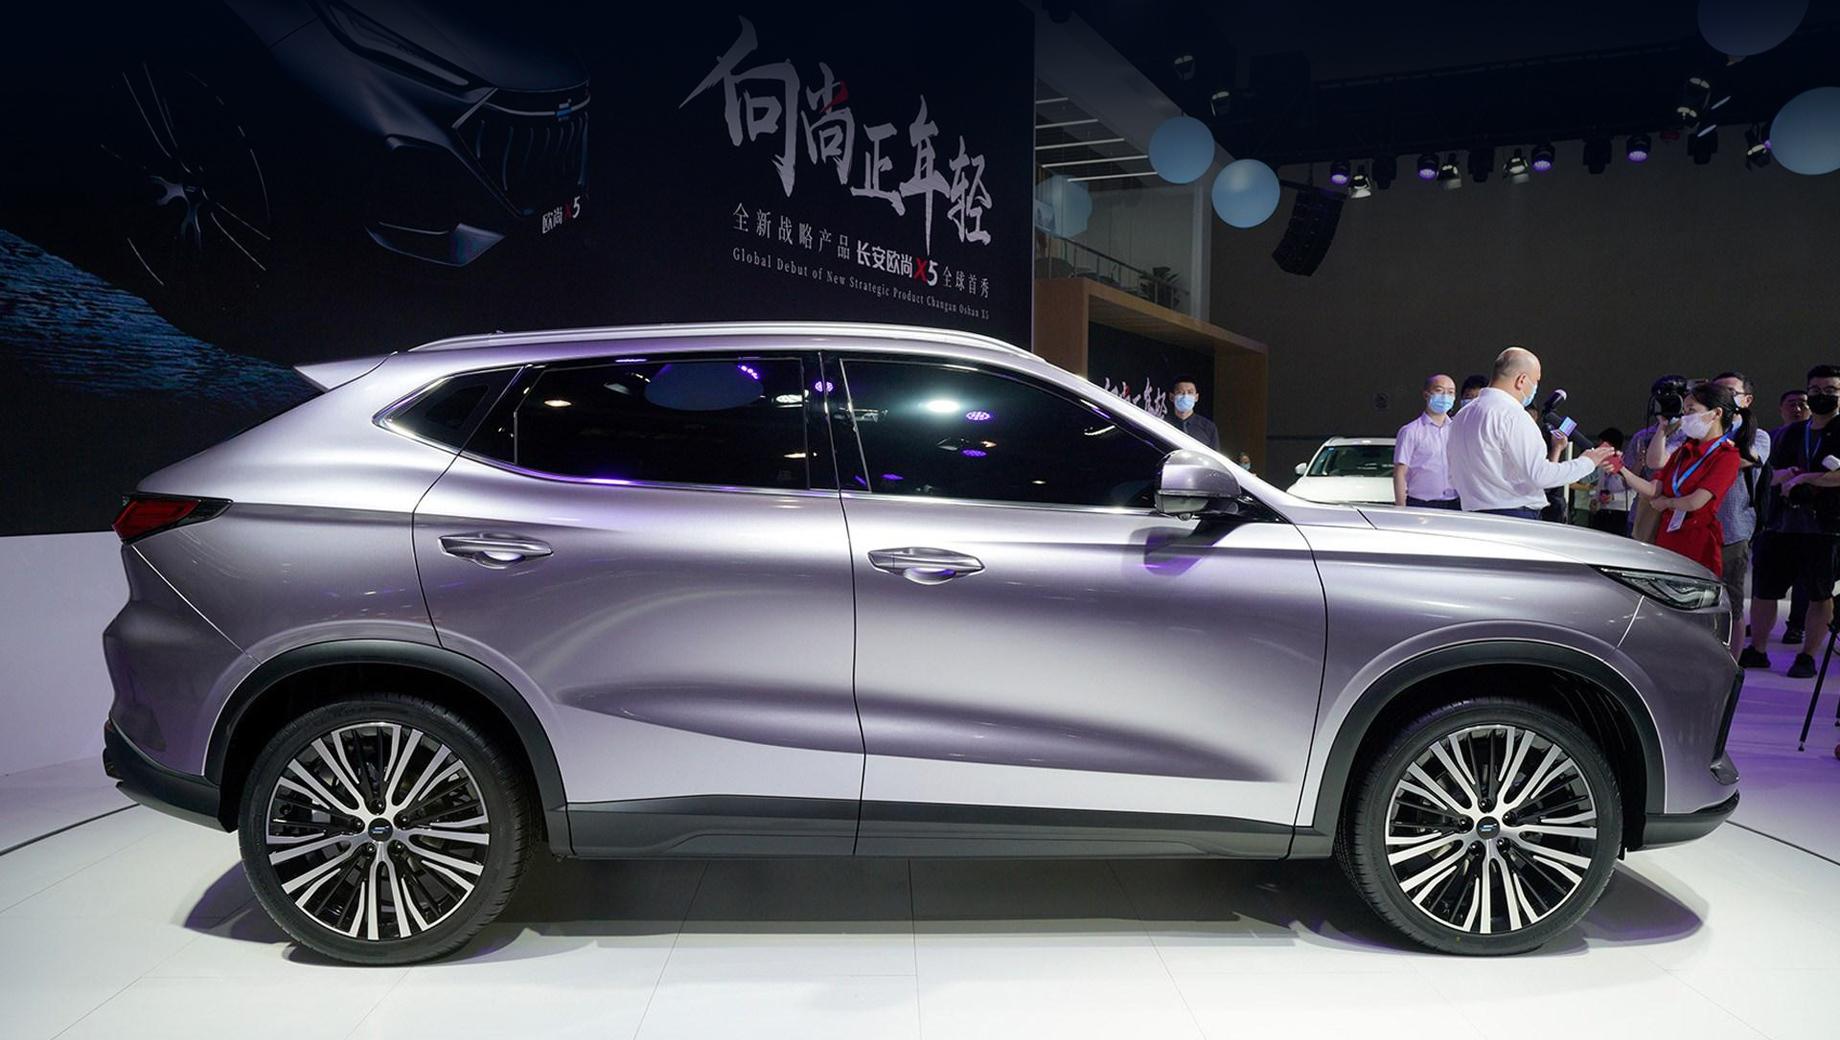 Changan auchan x5. Длина, ширина и высота кроссовера — 4490, 1860, 1580 мм, колёсная база равна 2710 мм. Данные о вариантах трансмиссии, динамике и тому подобные последуют позже.